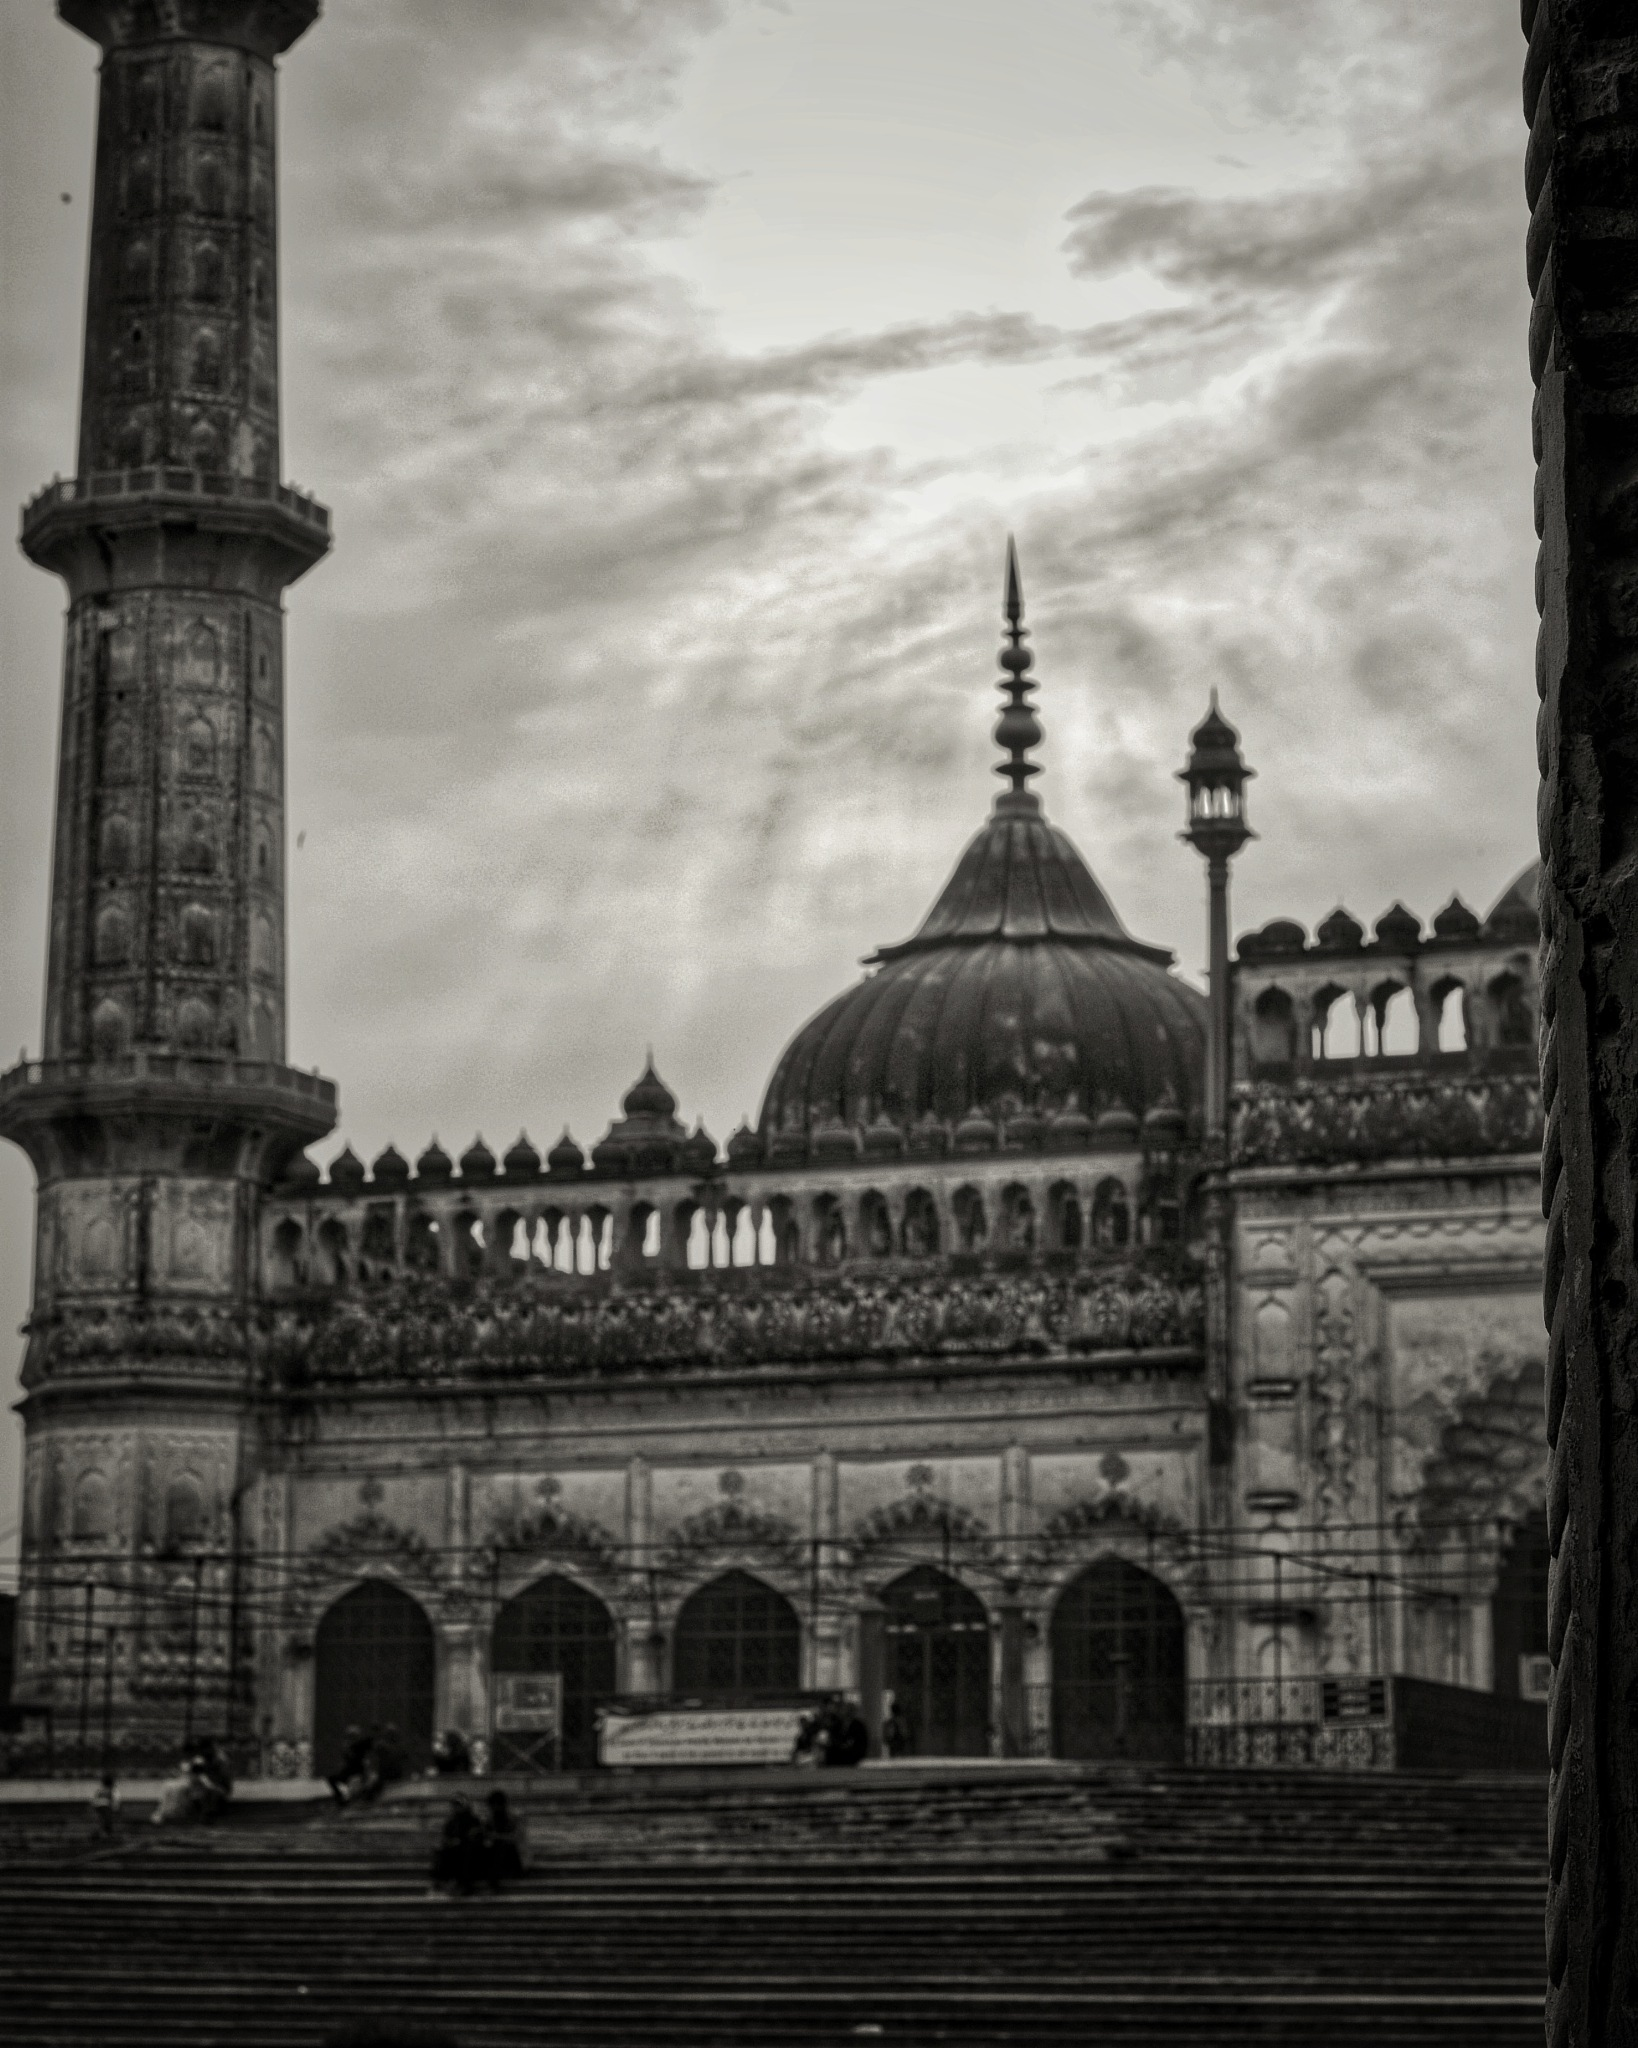 imam bada by Nitesh Chhetri